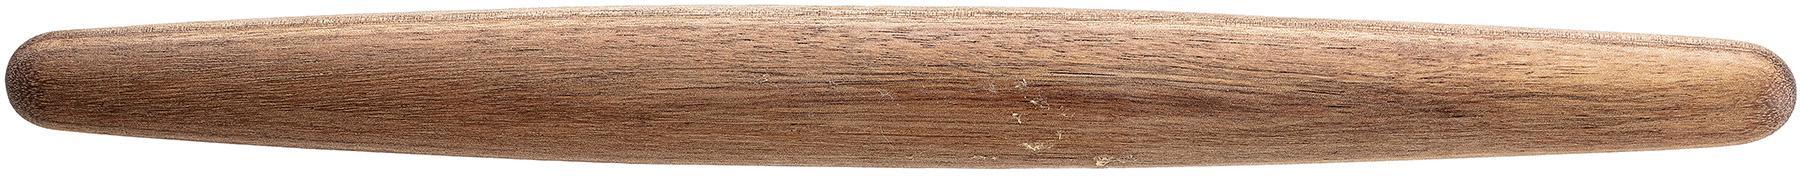 Rodillo de madera de acacia Alicja, Madera de acacia, Madera de acacia, L 33 cm